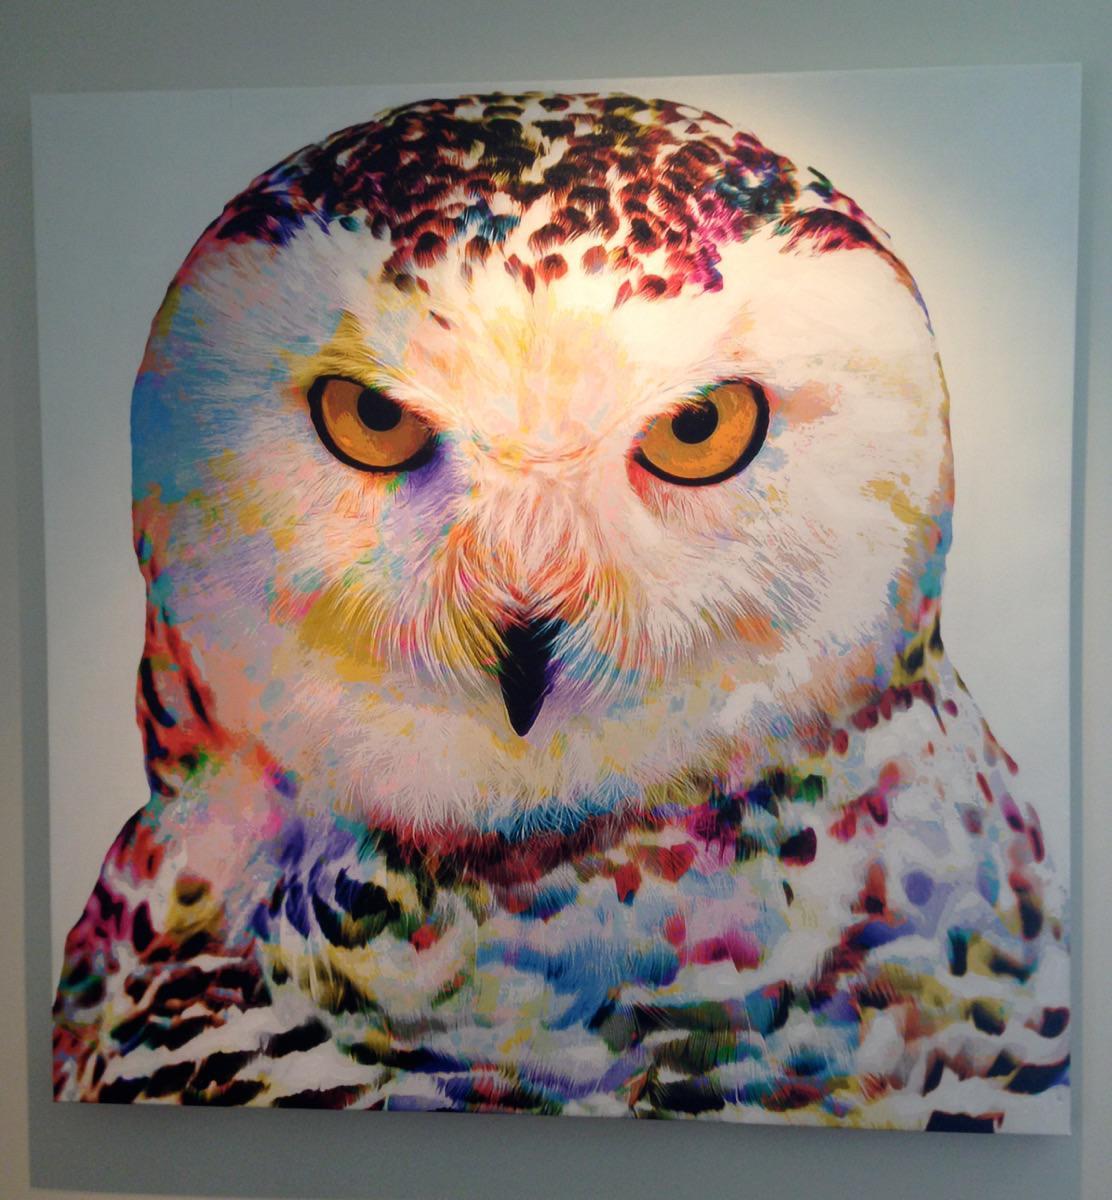 Show Owl (2015)